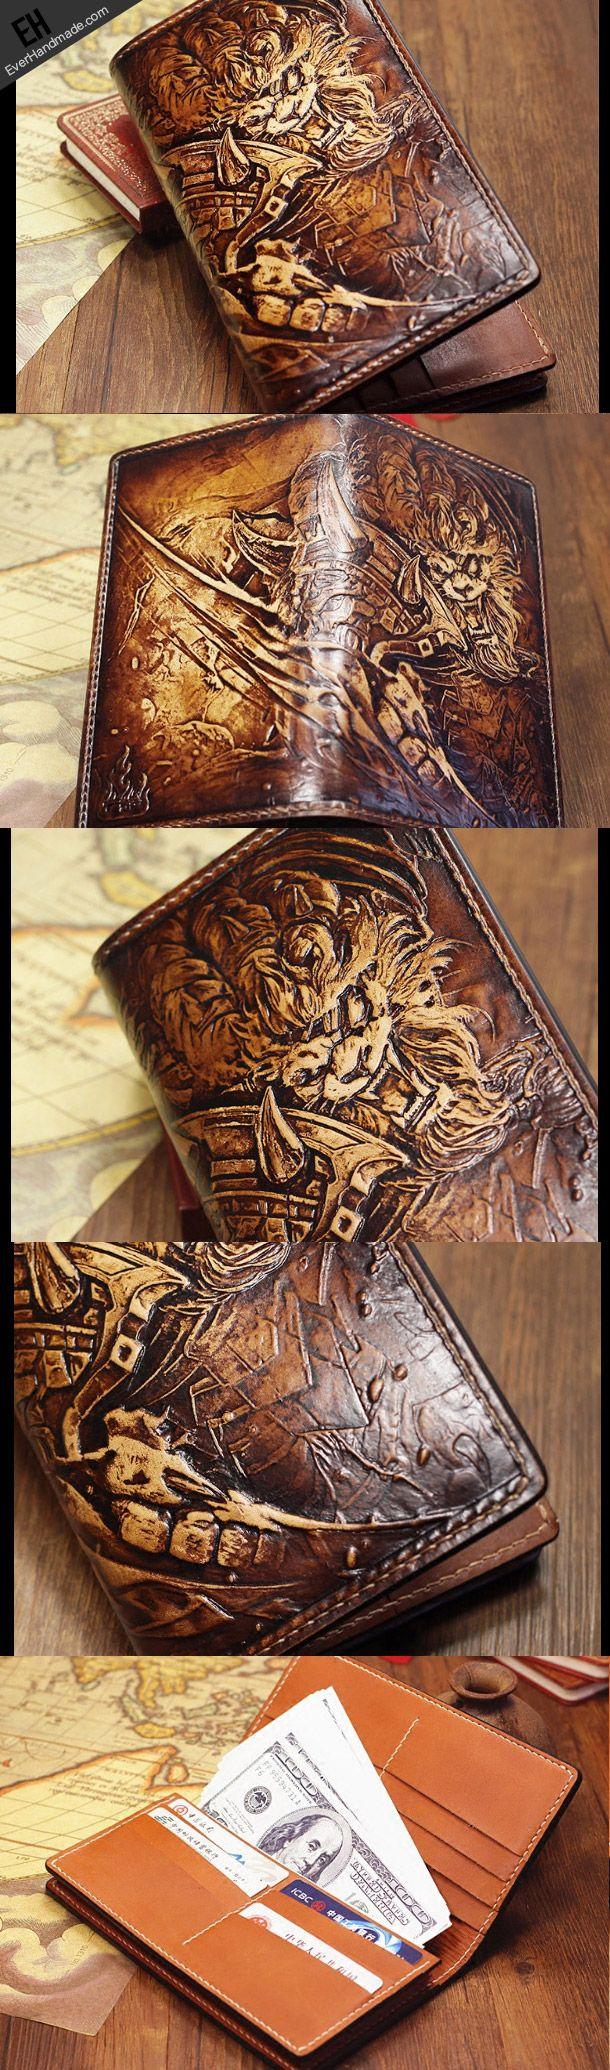 Unique dremel carving ideas on pinterest